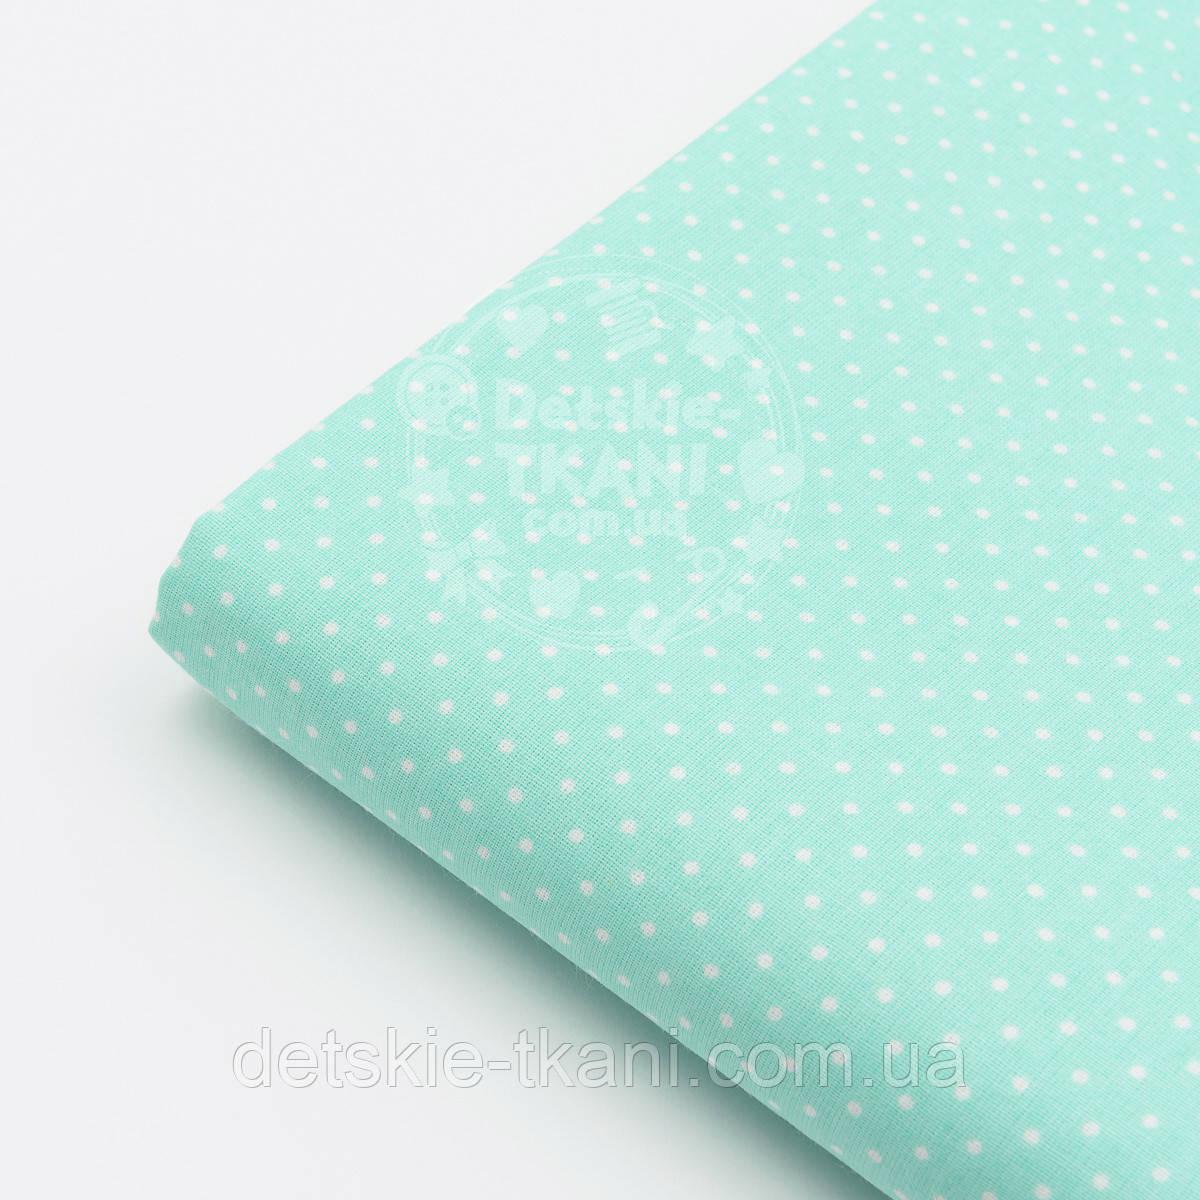 Лоскут ткани №751  с белыми точками на мятном фоне, размер 17*160 см